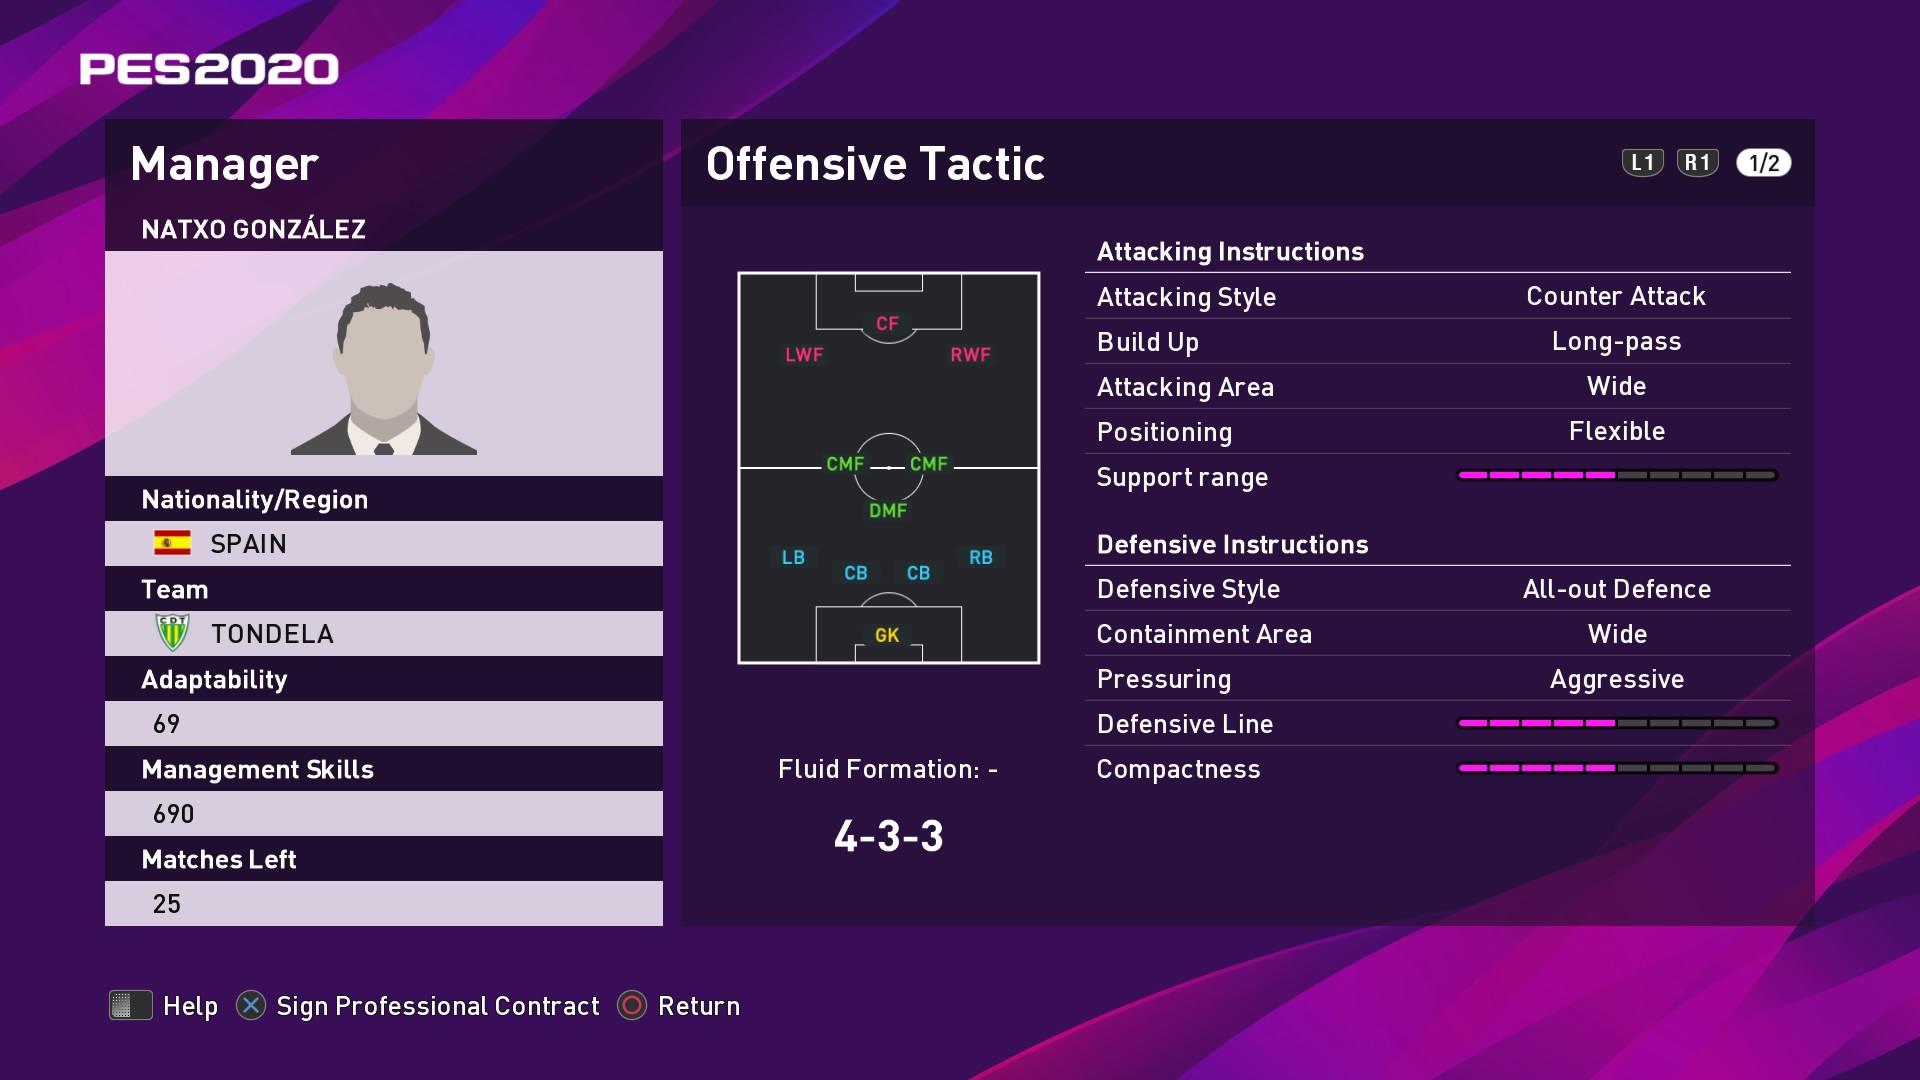 Natxo González Offensive Tactic in PES 2020 myClub